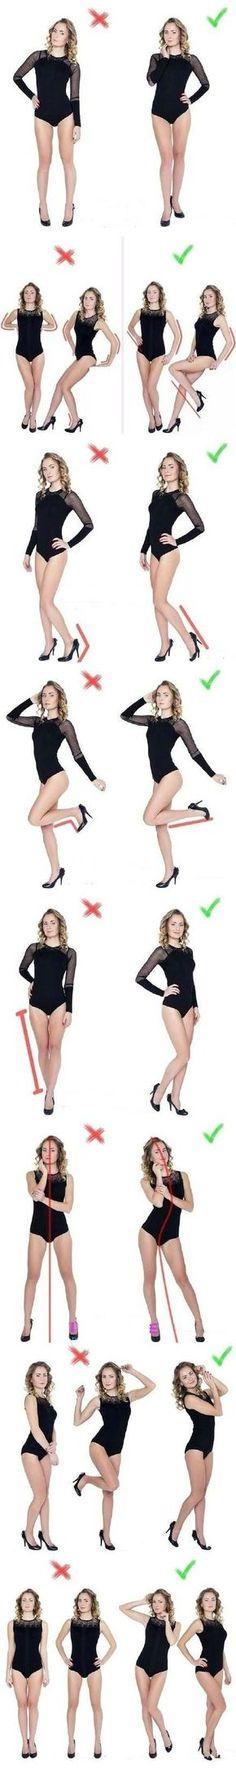 Que poses realizar para una correcta fotografia